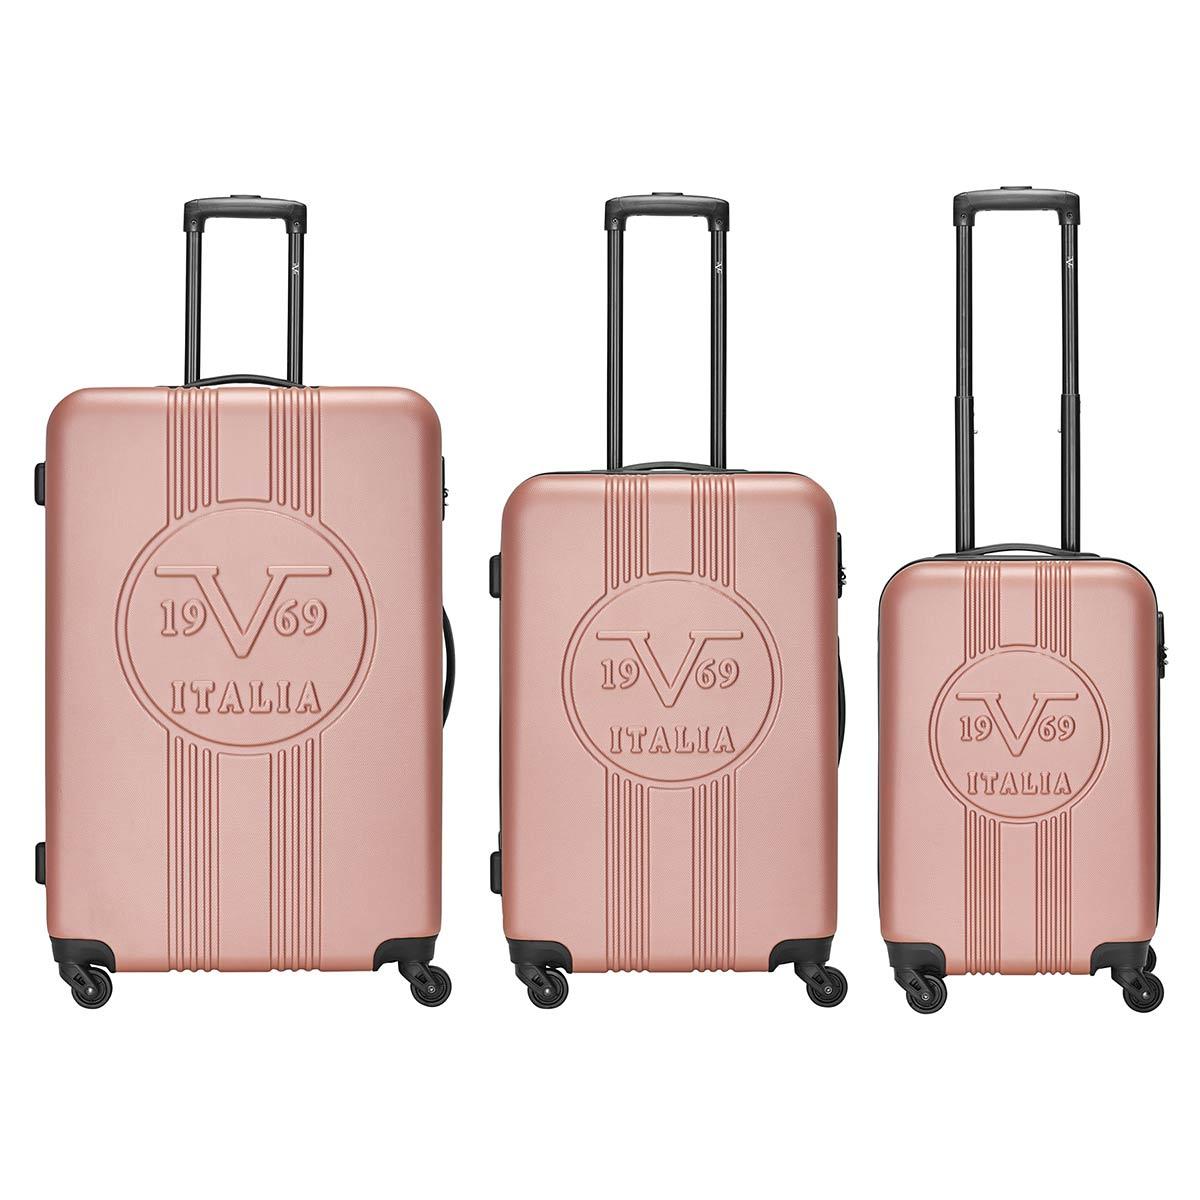 3er Koffer-Set ABS Trolley-Set Hartschale (M, L & XL) Material: ABS 4 Rollen (360°) 903-001-